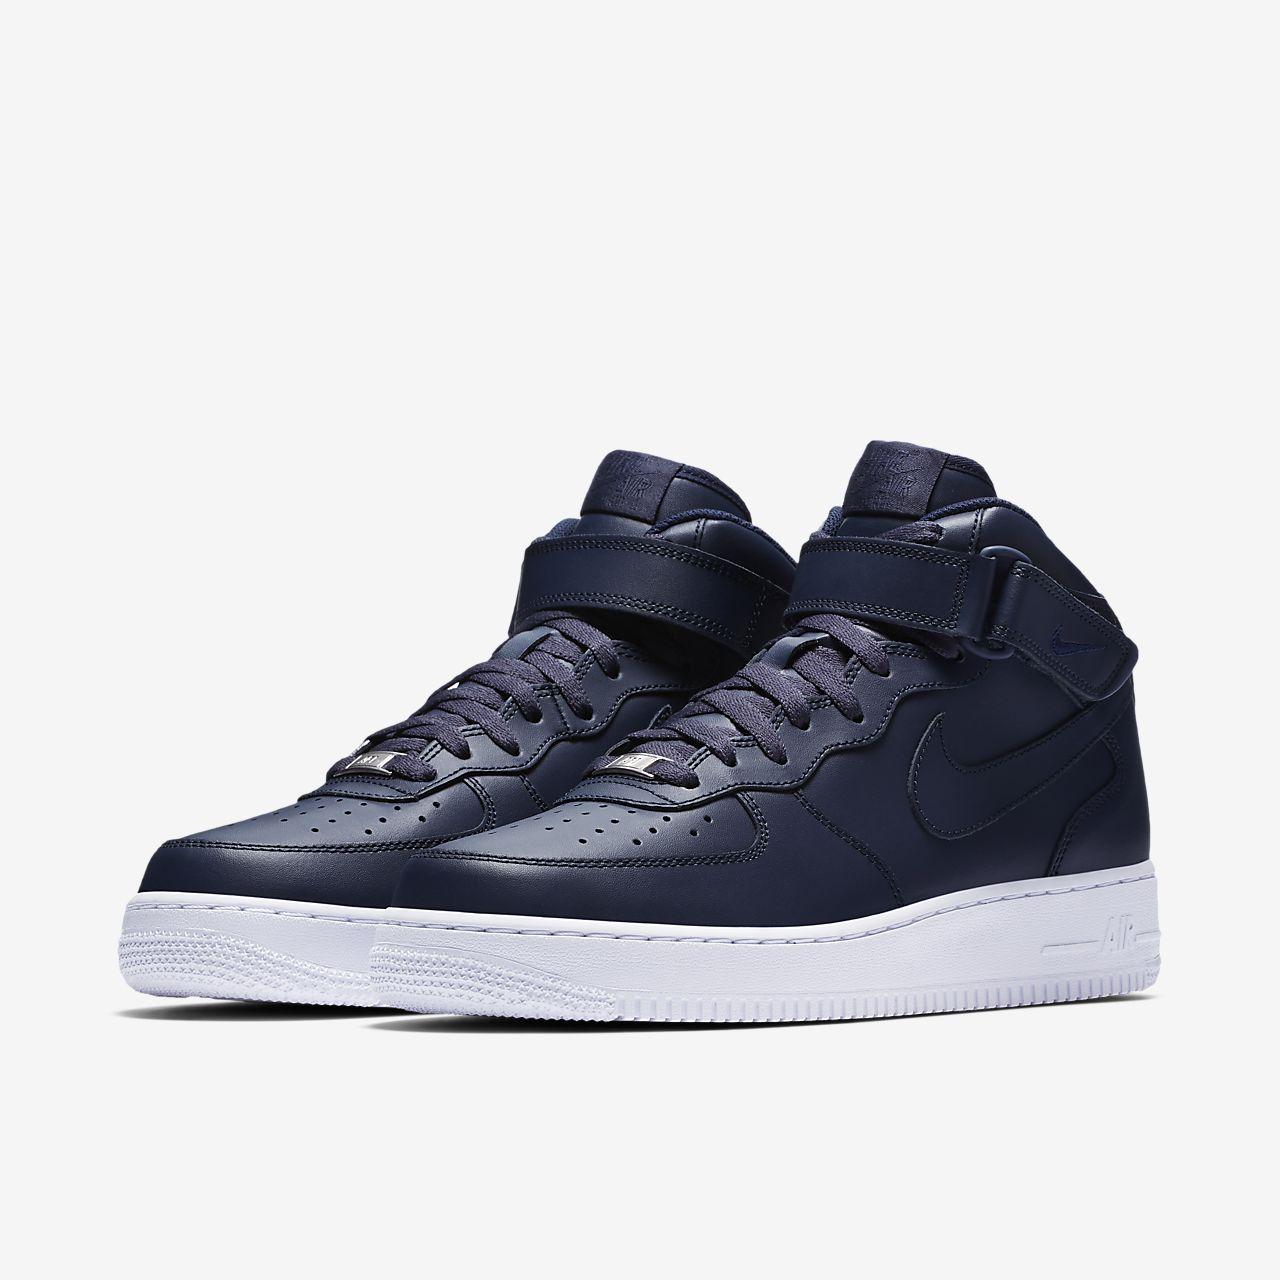 Nike Air Force 1 07 Mediados Azul Blanco ofertas de salida oficial para barato precio barato profesional comprar barato comercializable ckNWzlCF